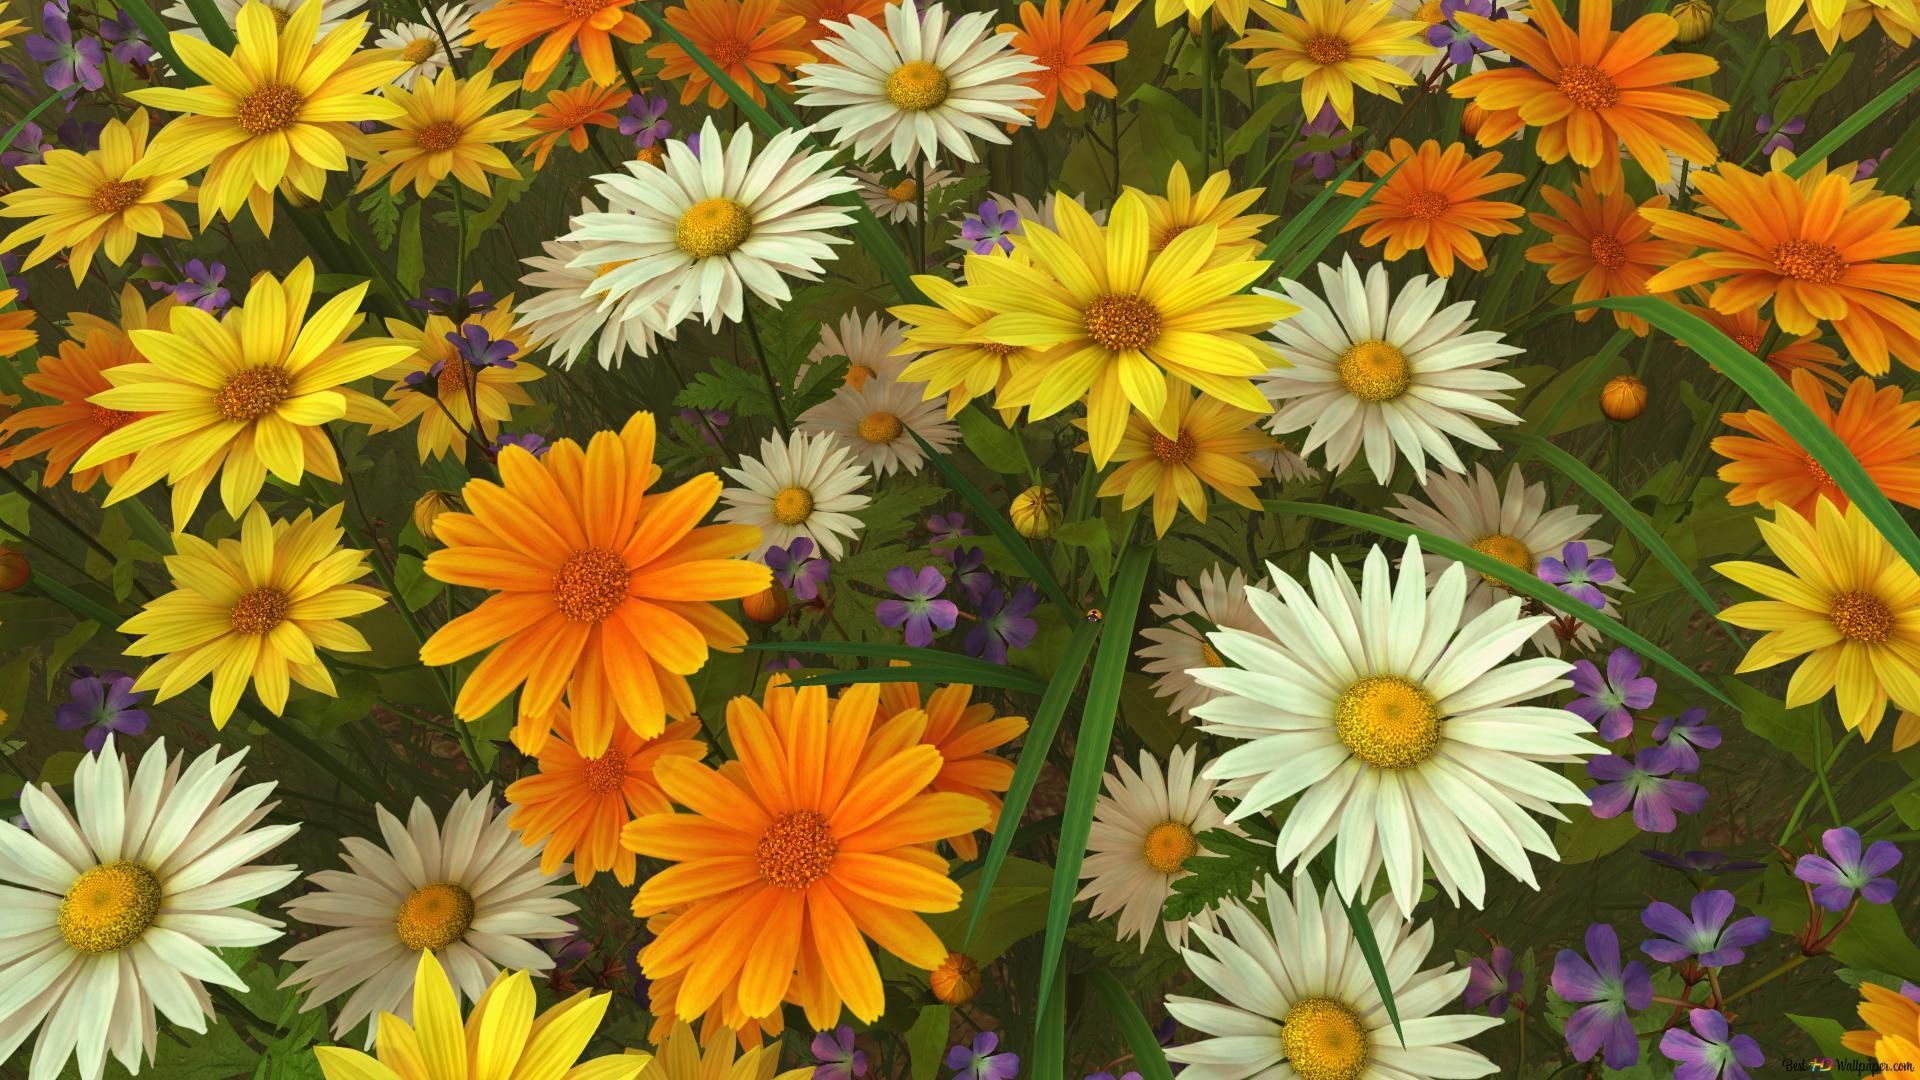 Fondos De Pantalla Hd Flores: Descargar Fondo De Pantalla Flores De Verano HD